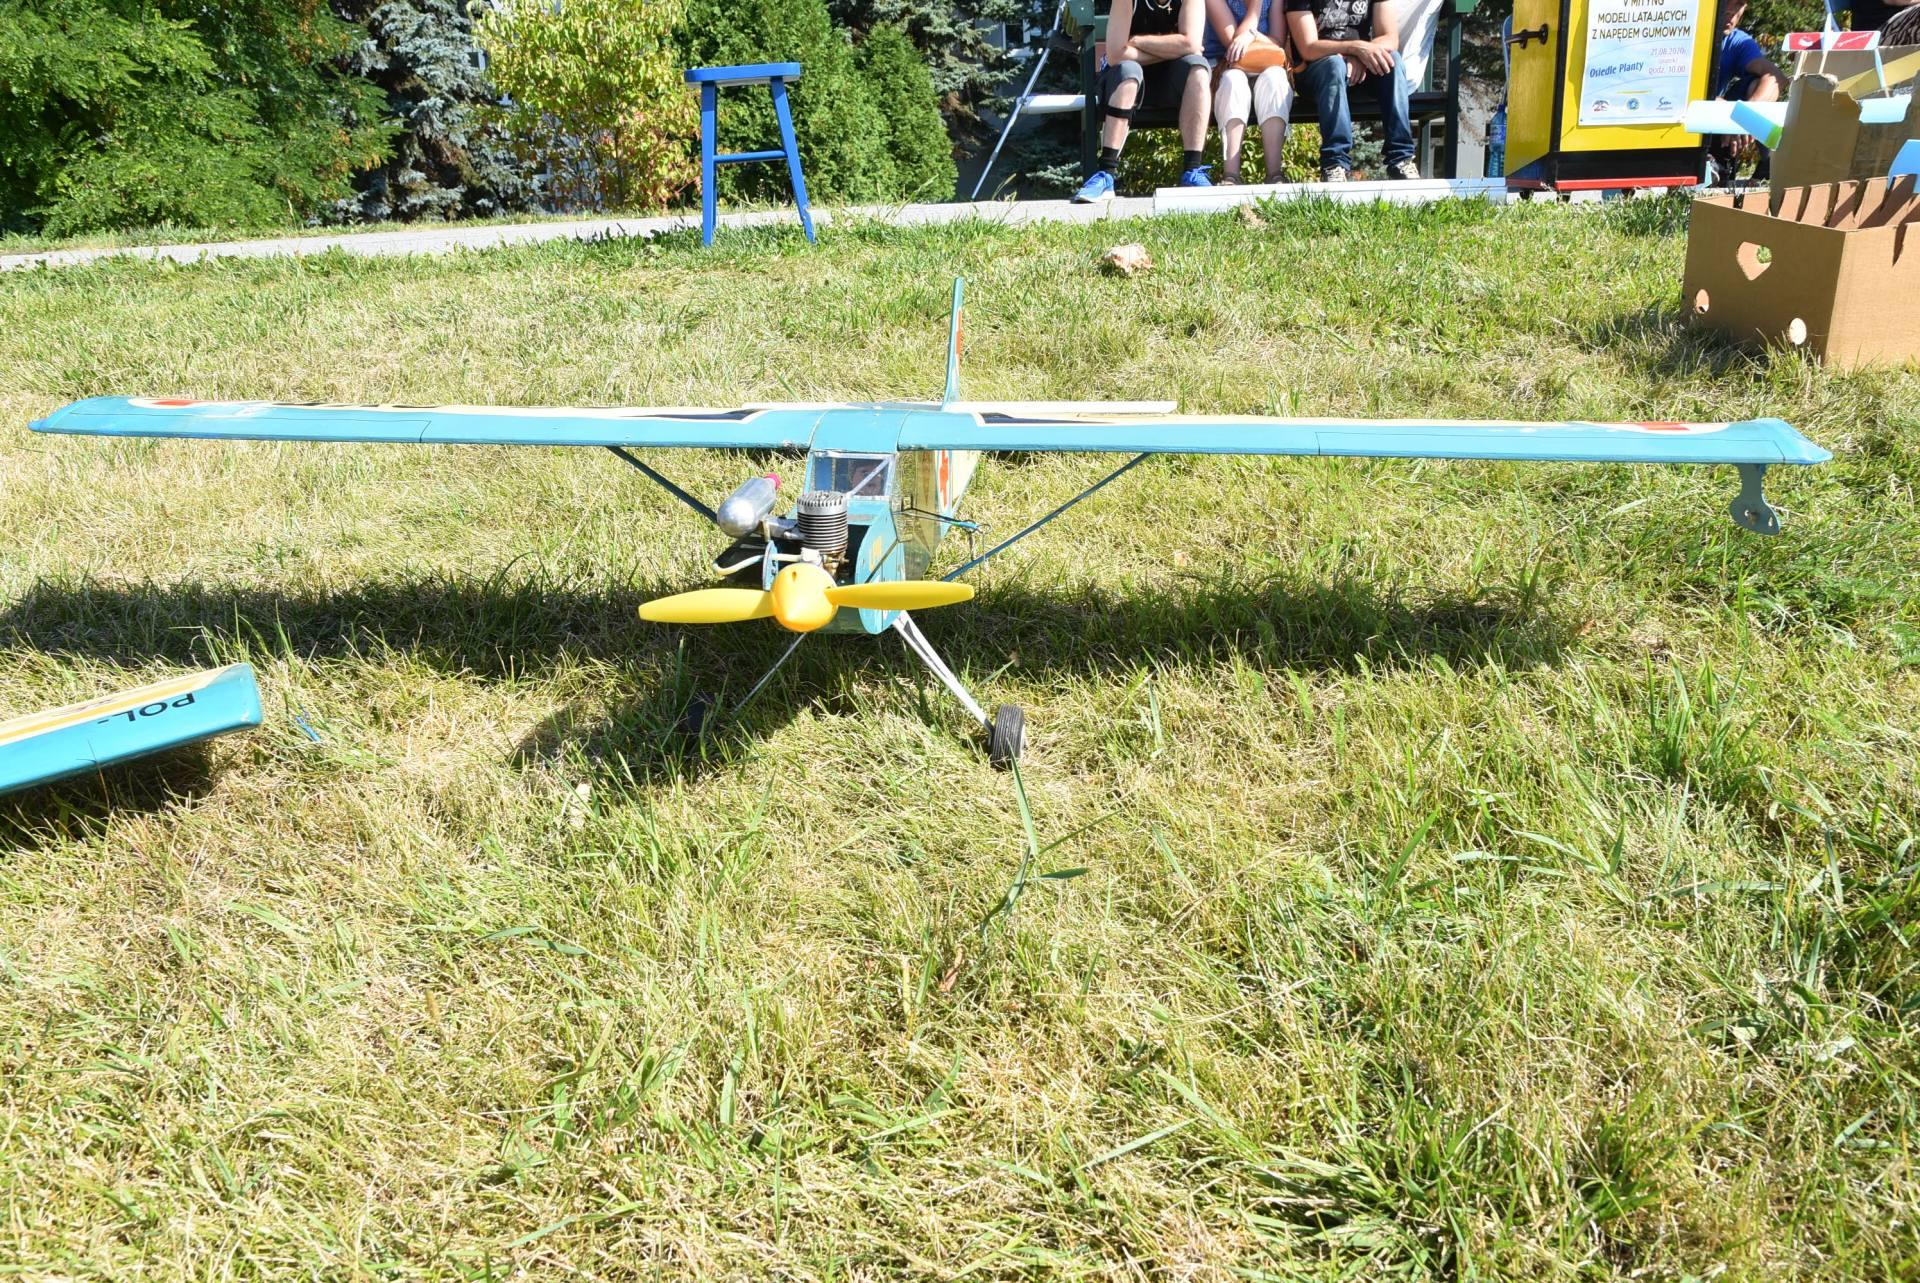 dsc 0347 Dzisiaj odbył się V Mityng Modelarski na Plantach w Zamościu